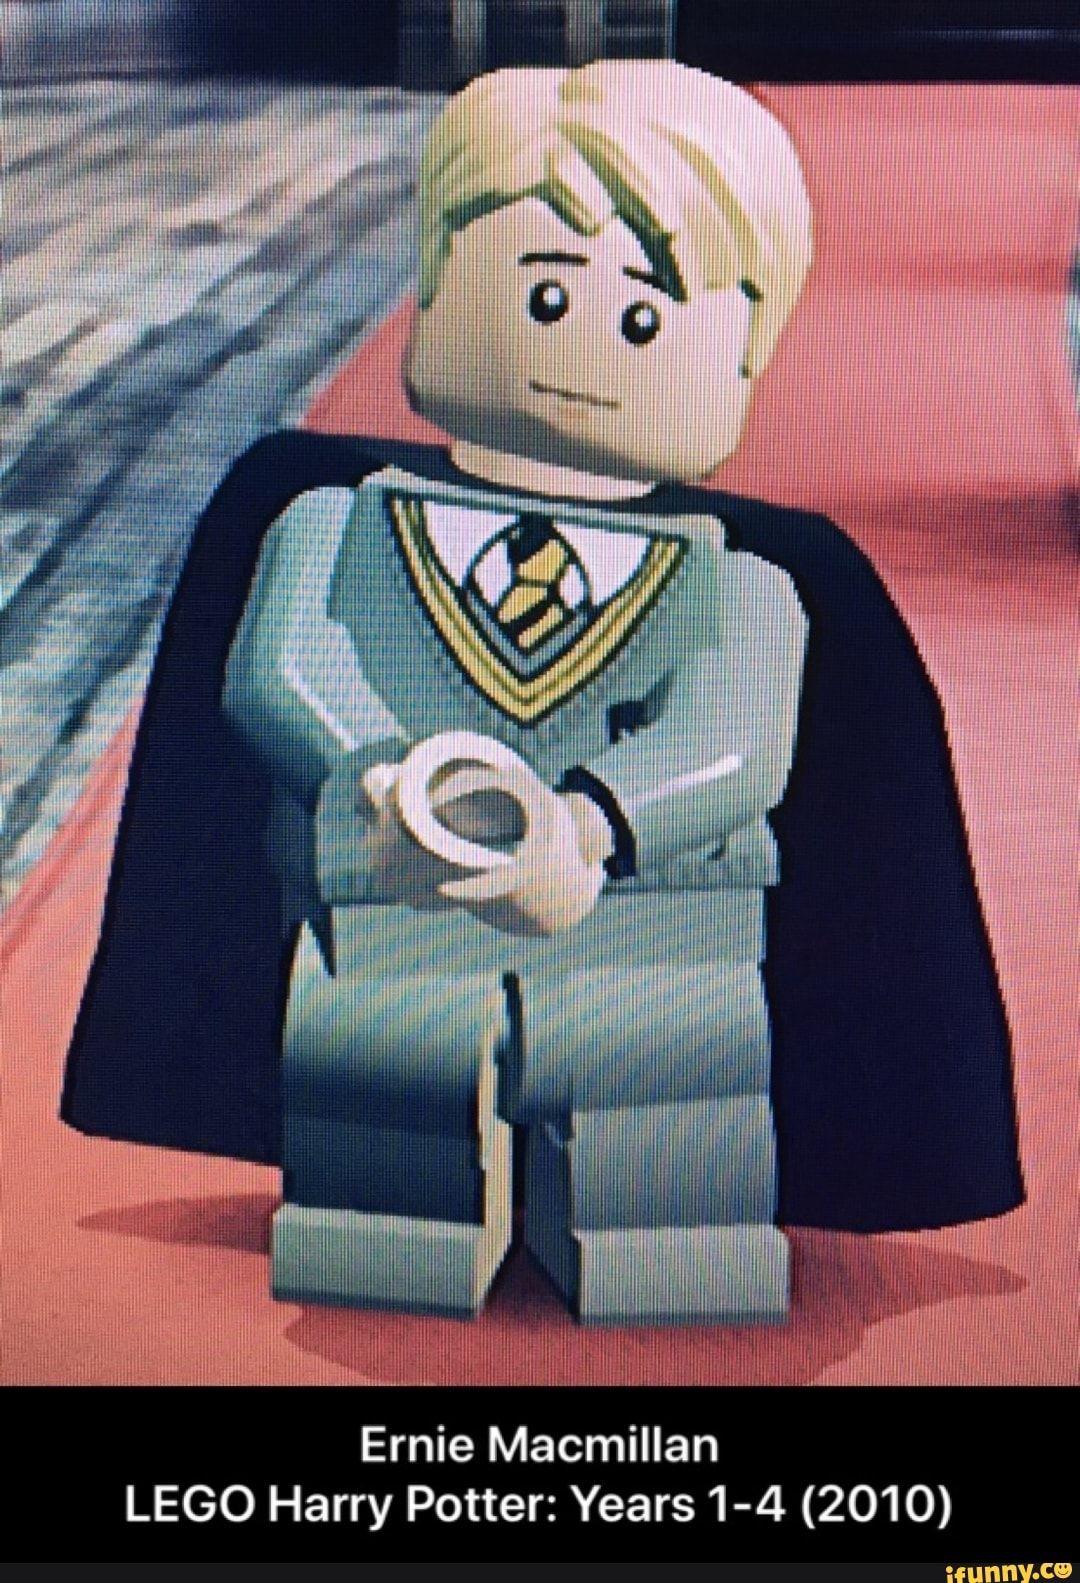 Ernie Macmillan Lego Harry Potterzyears1 4 2010 Ifunny Harry Potter Memes Hilarious Lego Harry Potter Macmillan